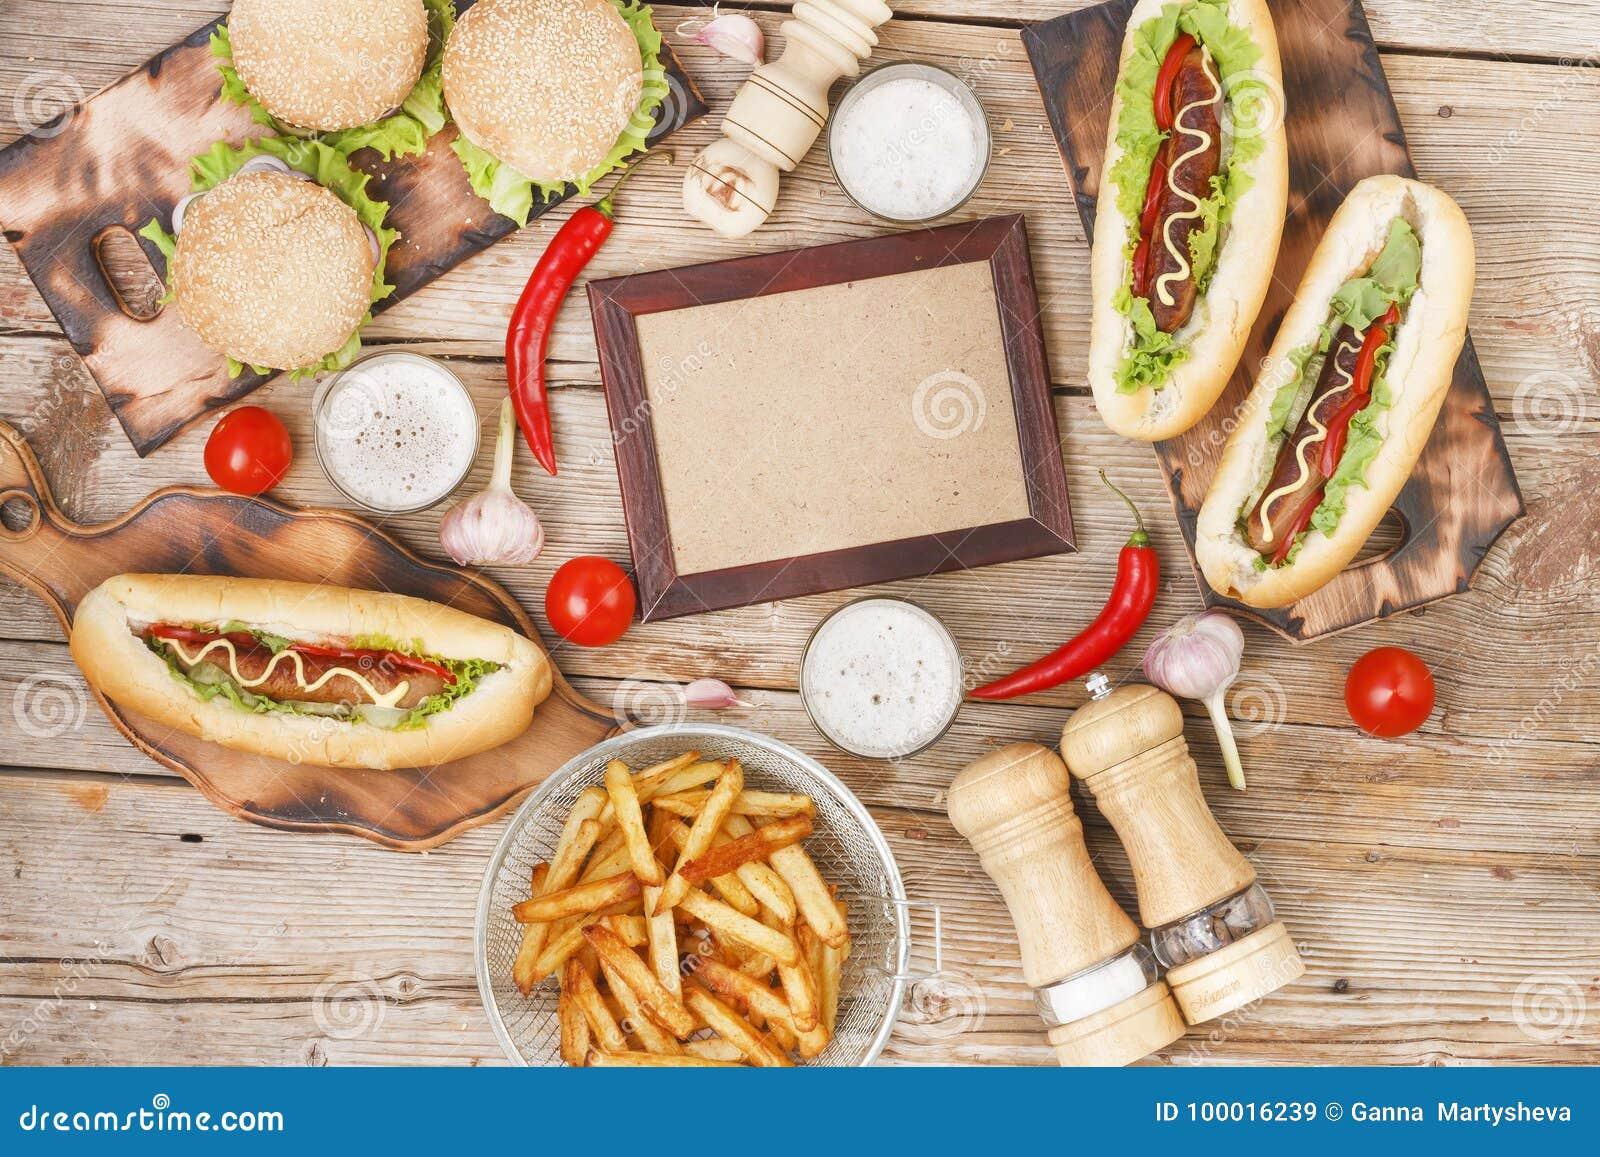 Äta middag tabellen på varmkorvdagen med kopieringsutrymme Snabbmat hotdogs, chiper, pommes frites, hantverköl,